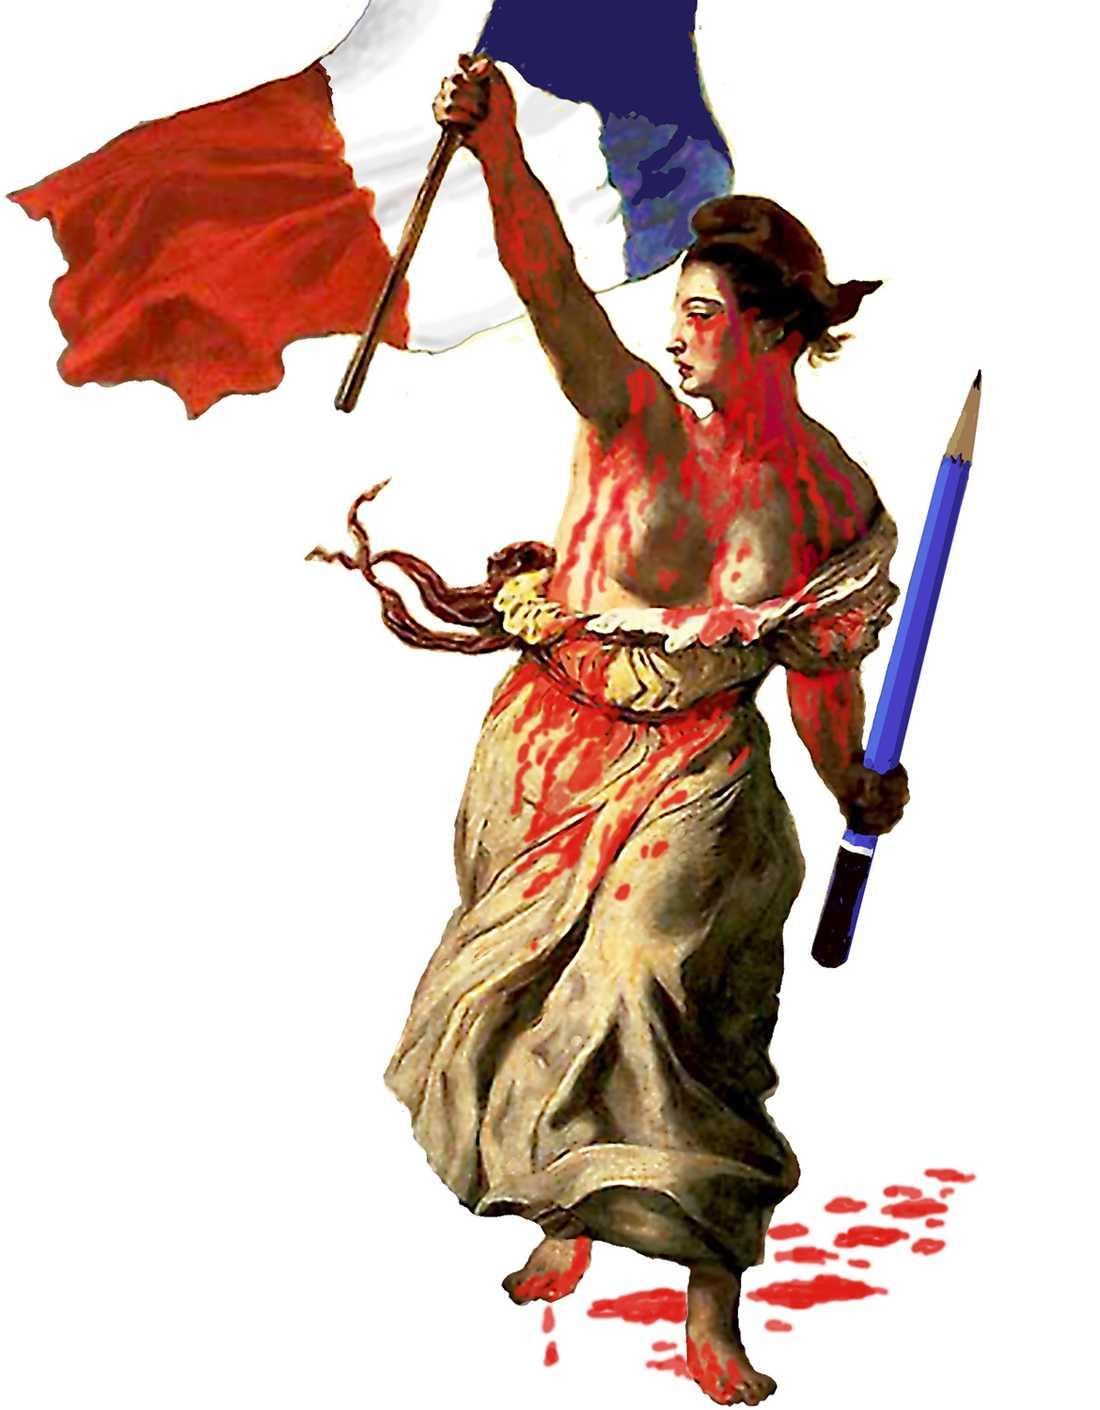 Tecknaren Leif Zetterling ger sin bild av terrorattacken. Marianne är Frankrikes motsvarighet till Sveriges nationalsymbol Moder Svea. Marianne omnämndes första gången 1792, då republiken infördes i Frankrike.